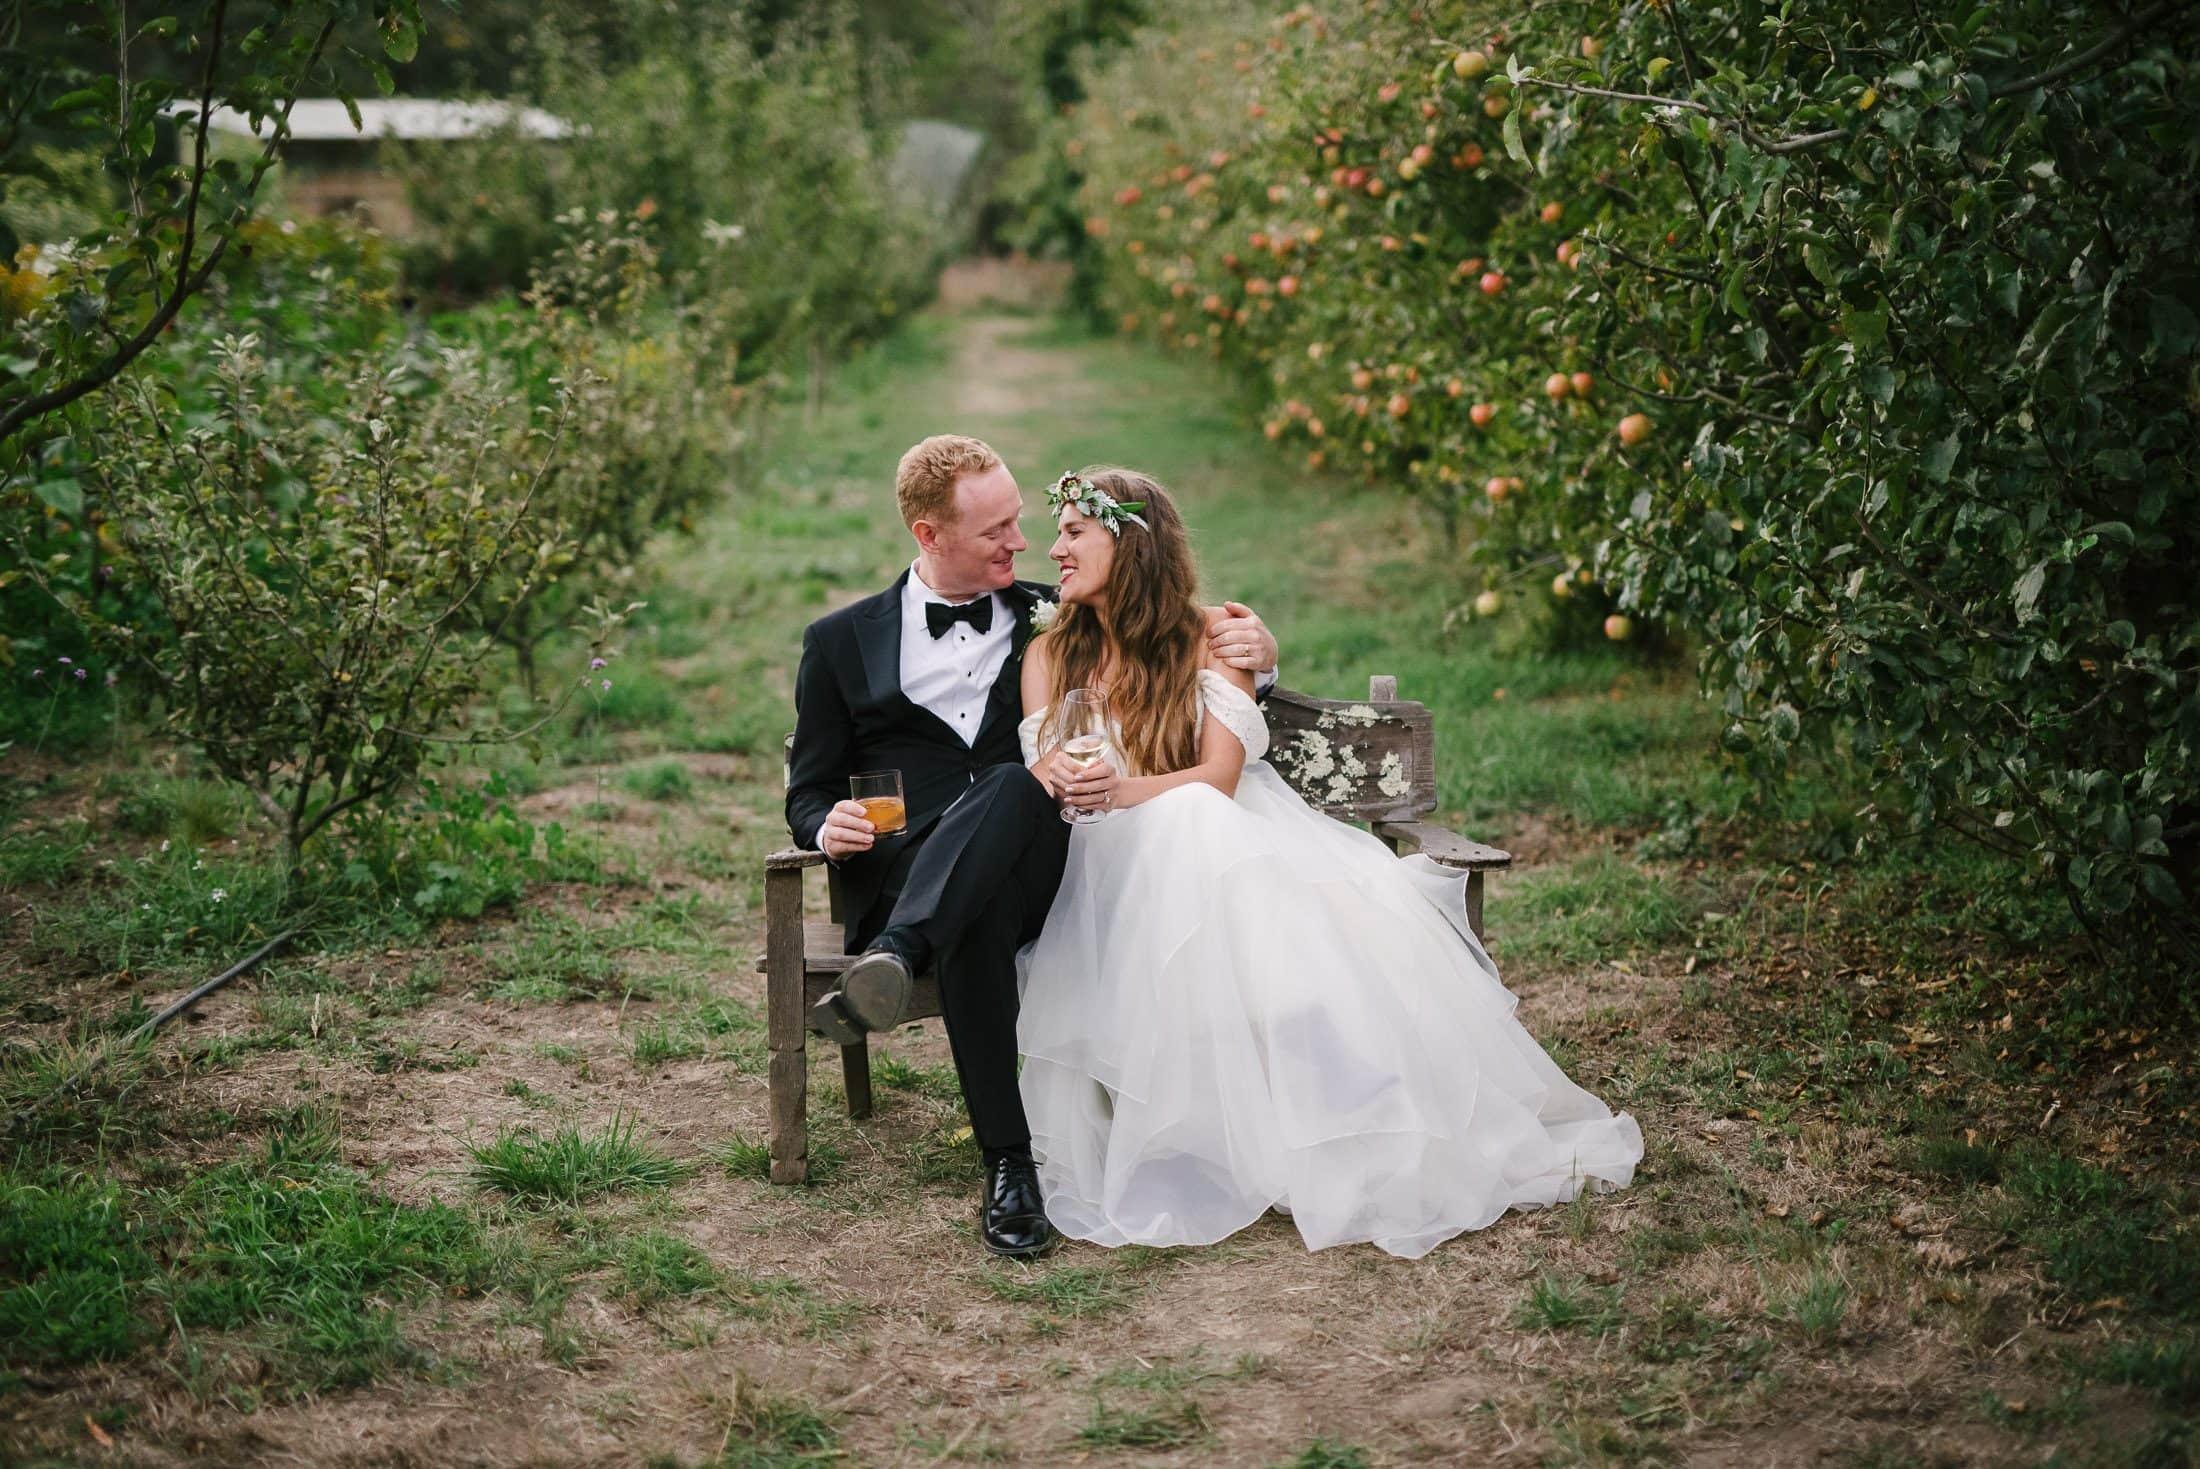 Oz Farm Wedding Orchard